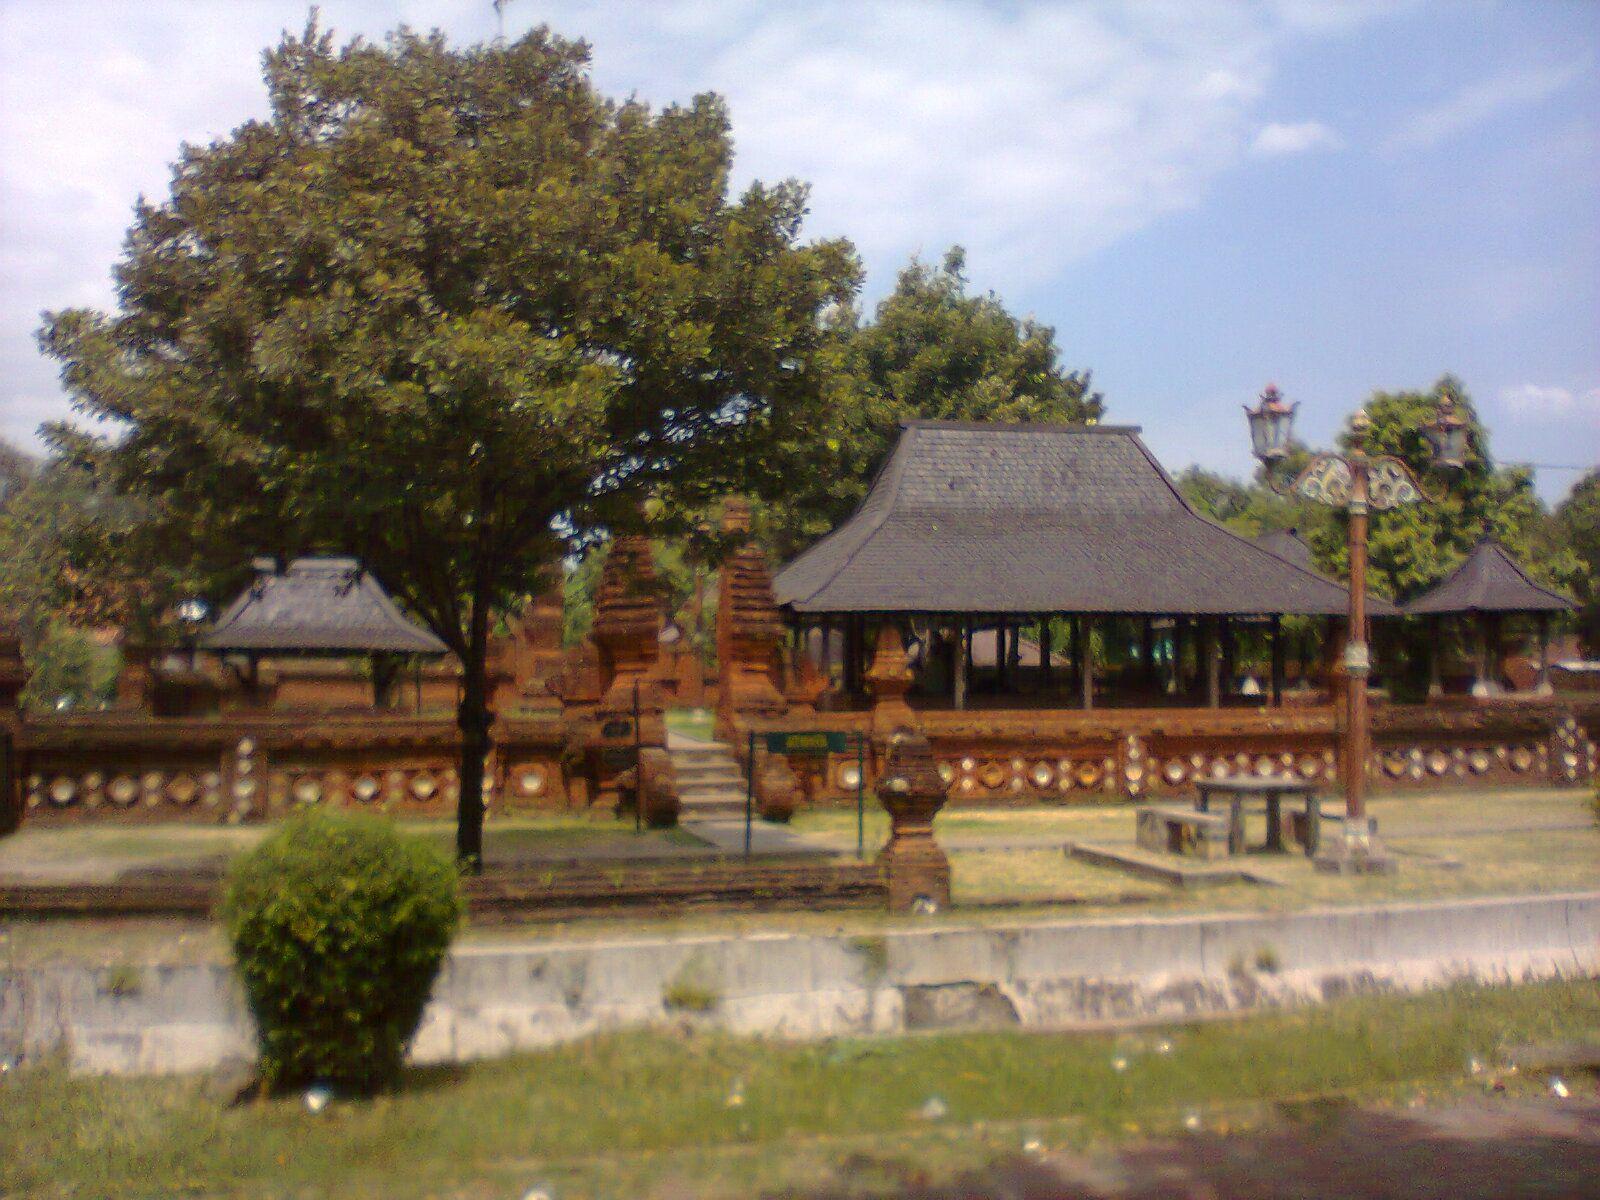 Cirebon Indonesia  City pictures : kawasan | Indonesia @Cirebon | Pinterest